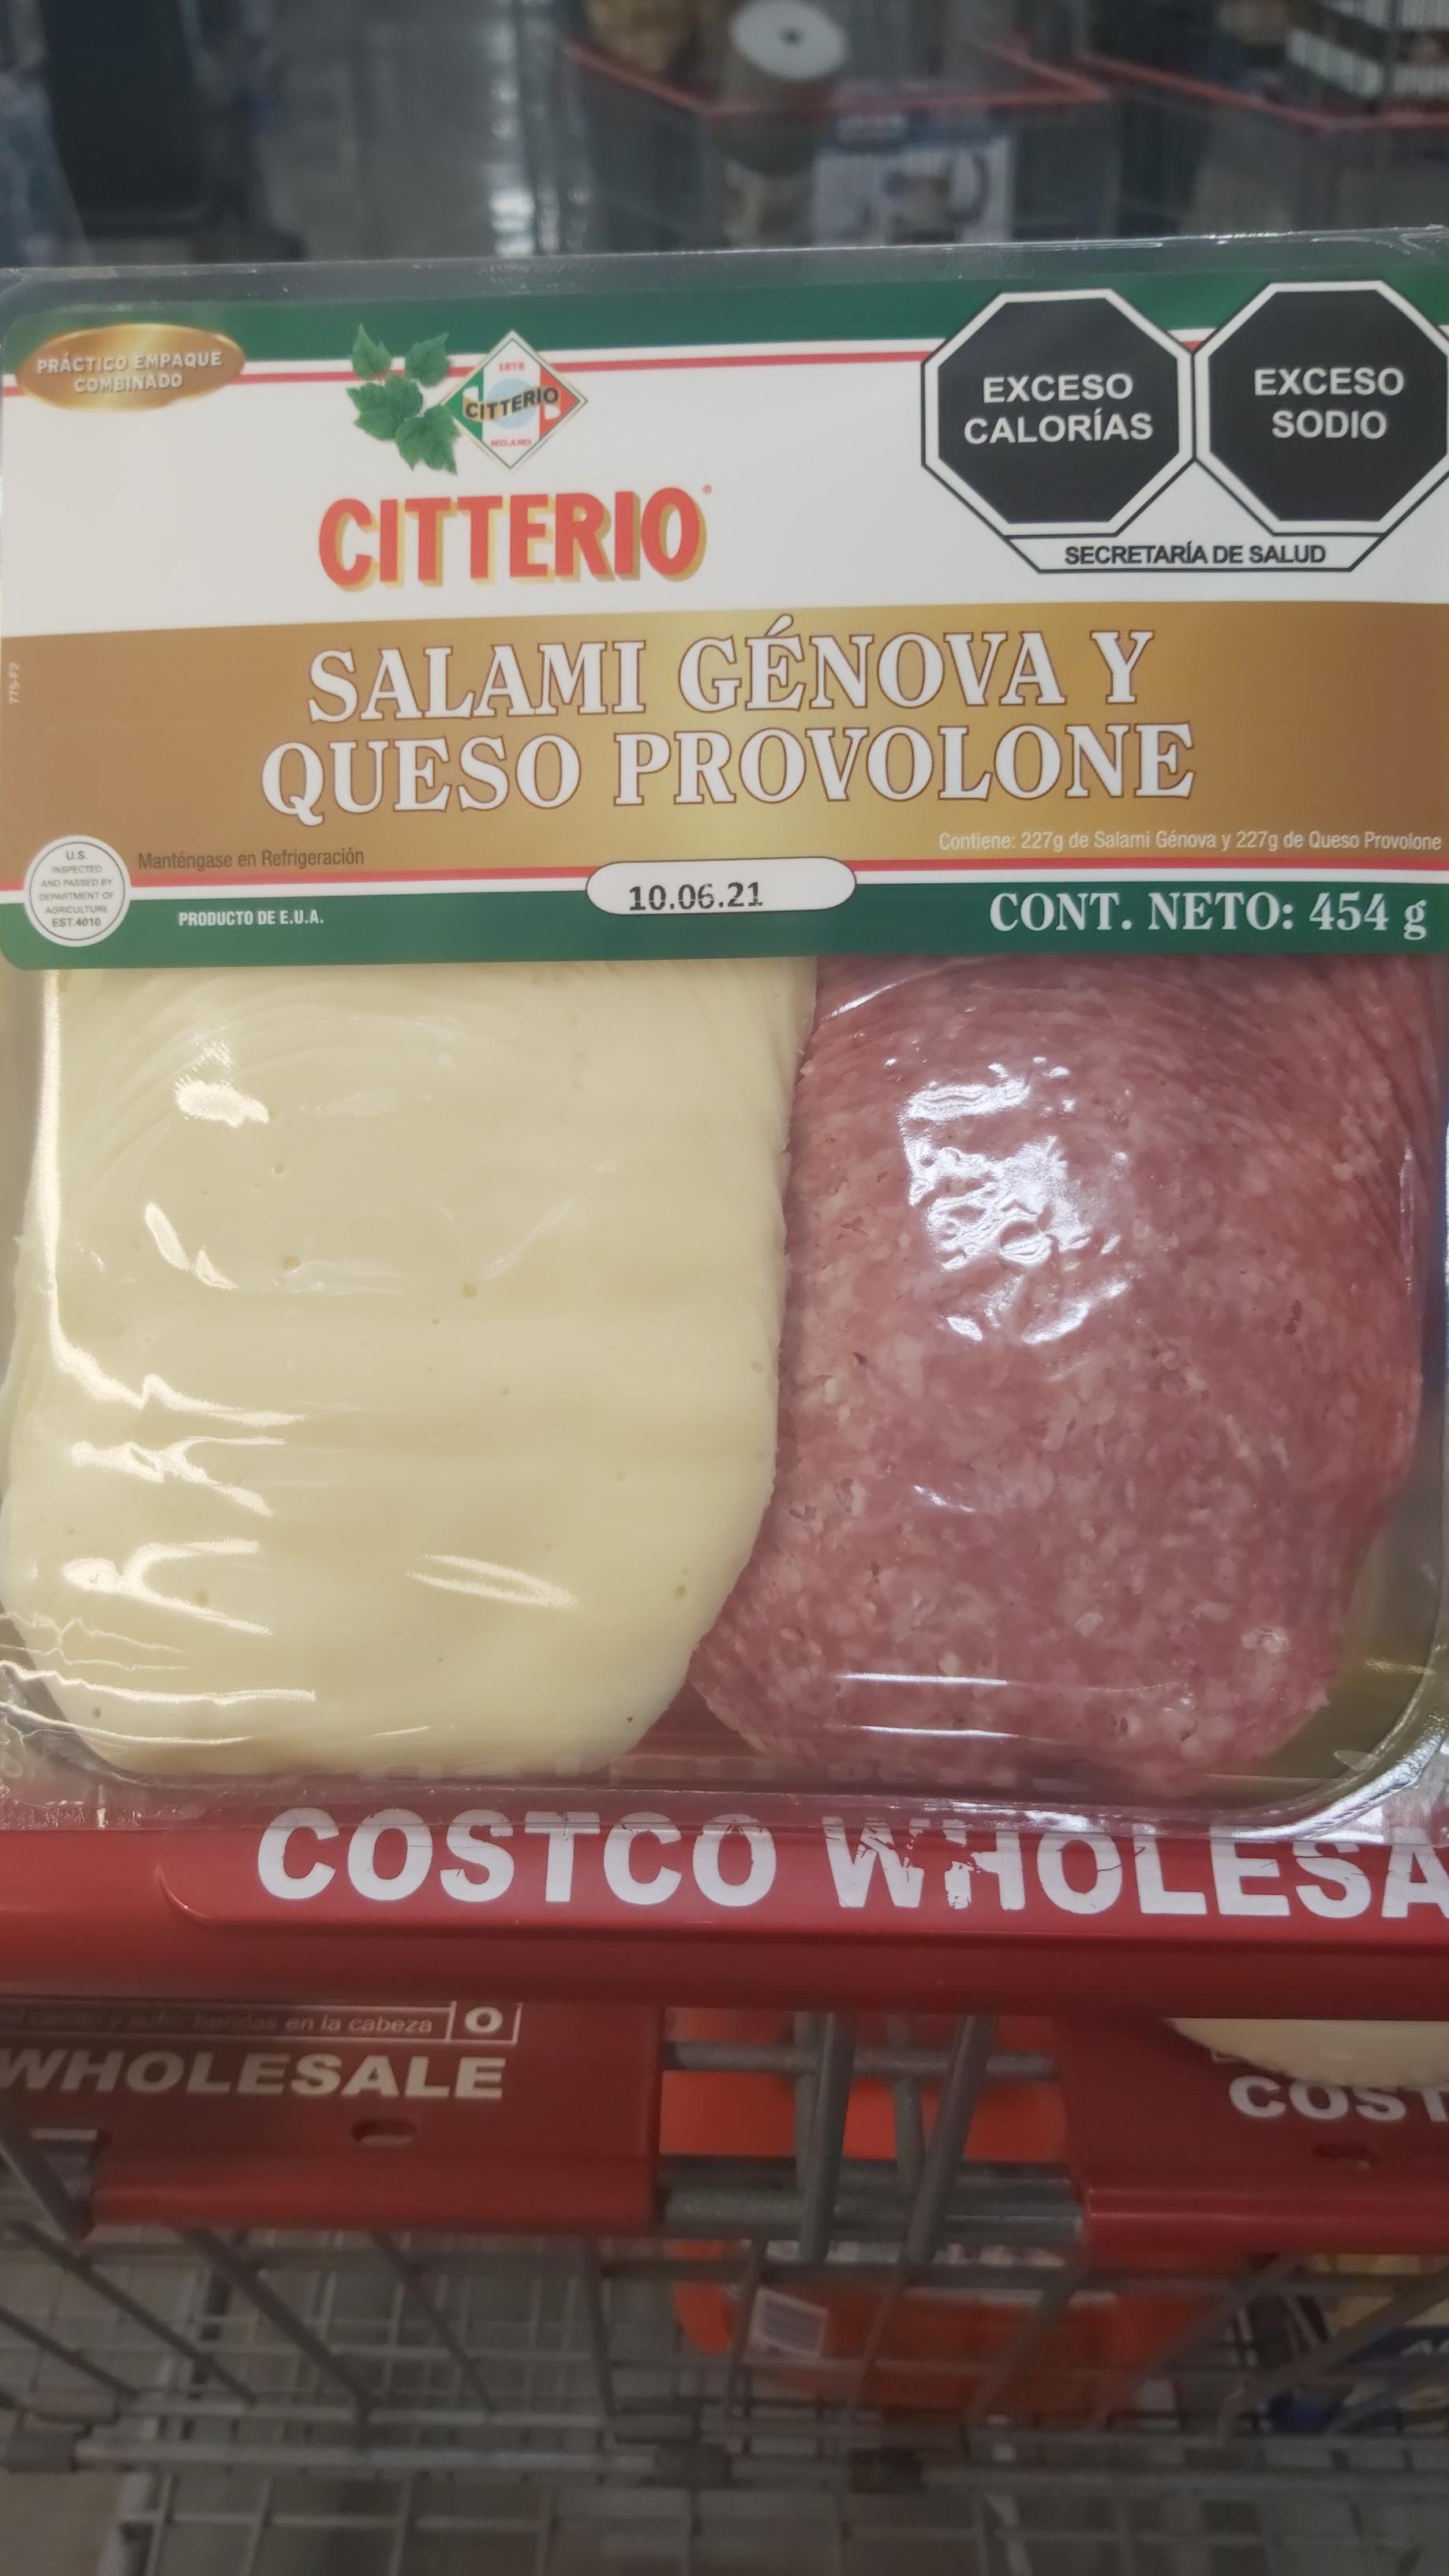 Costco: Salami Genova y queso provolone costco